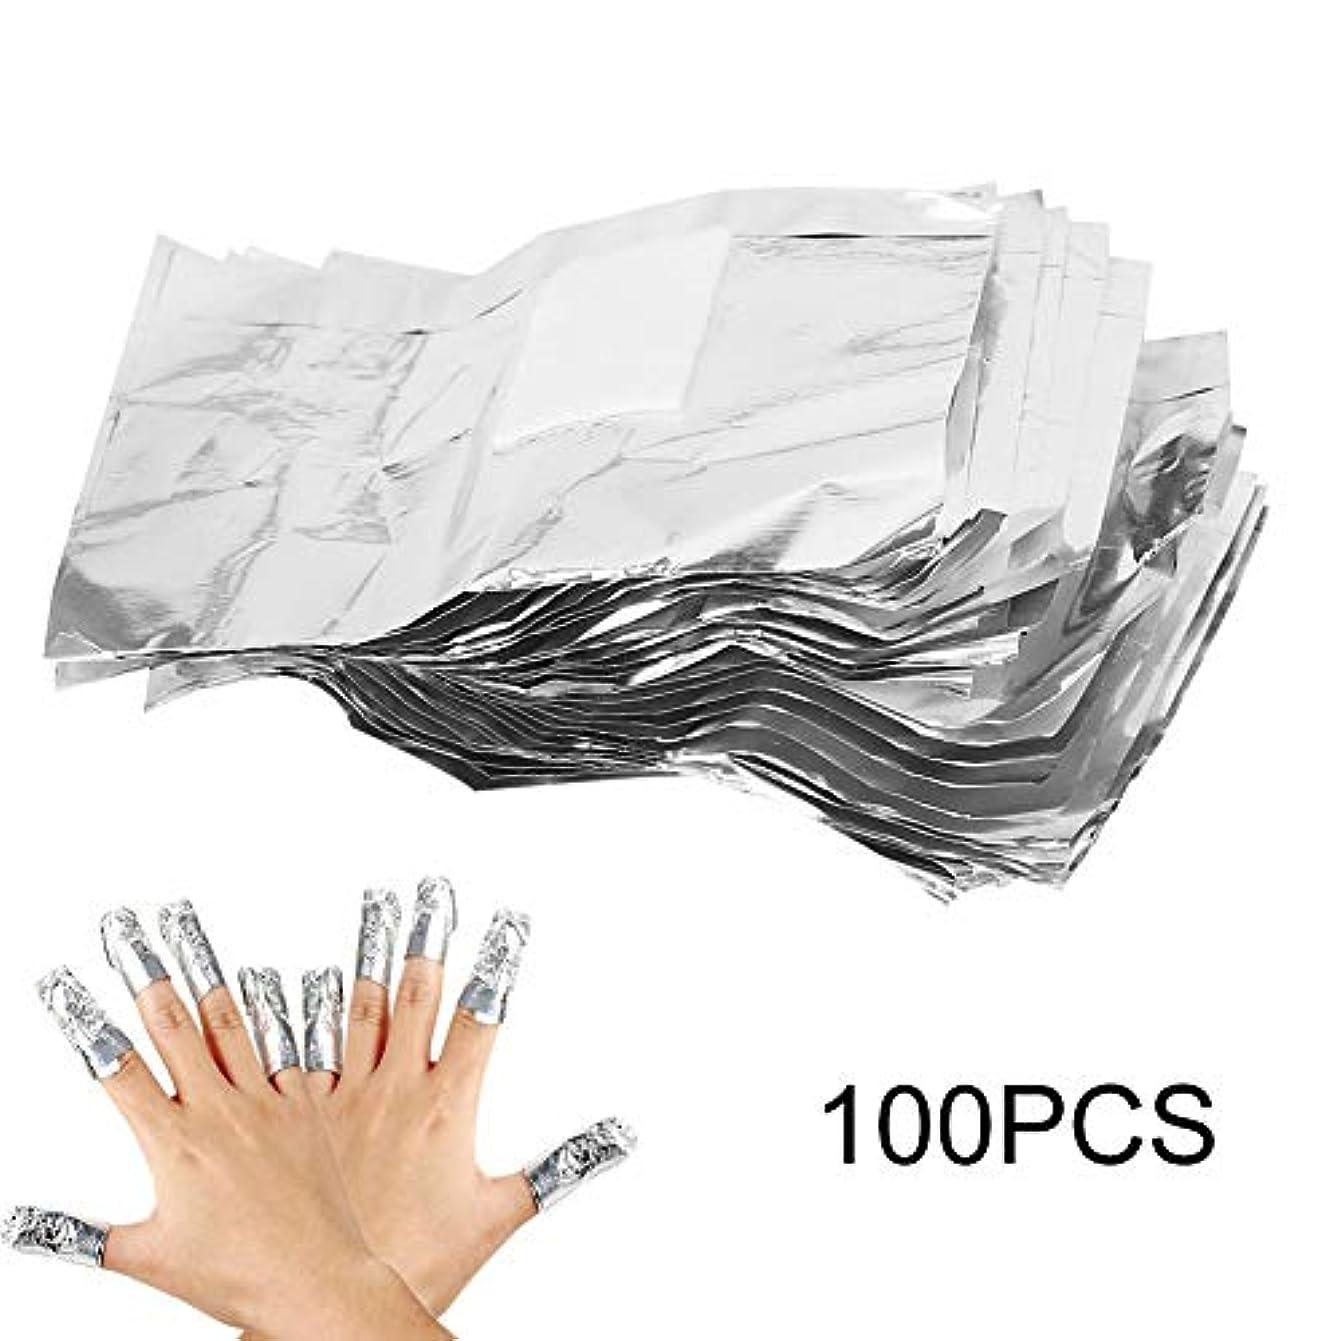 どうしたの問い合わせるシールネイルポリッシュリムーバークリップ マニキュアの除去剤 錫ホイル 100Pcs オレンジ 色棒付き紫外線ゲルの除去剤の綿パッドを包みます